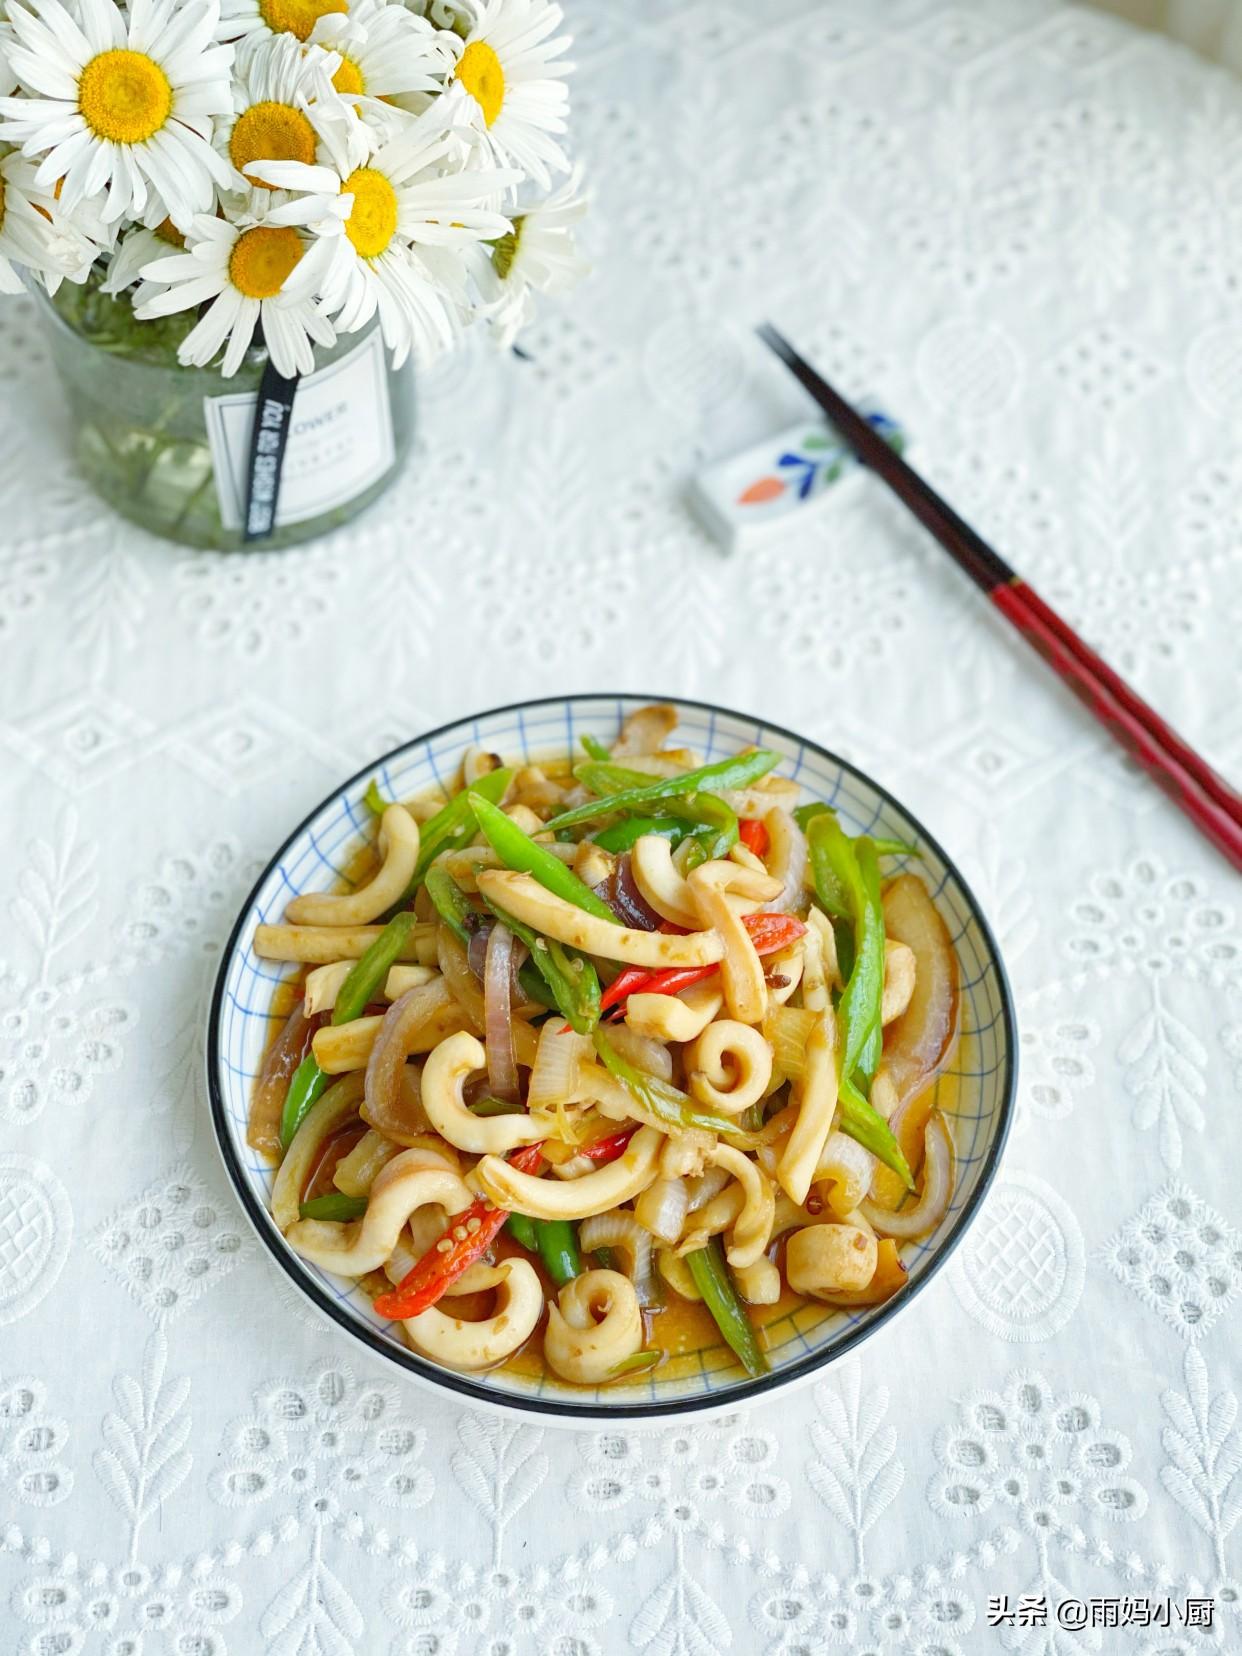 香辣魷魚的家常做法,簡單快手又下飯,麻辣香鮮秒殺路邊攤